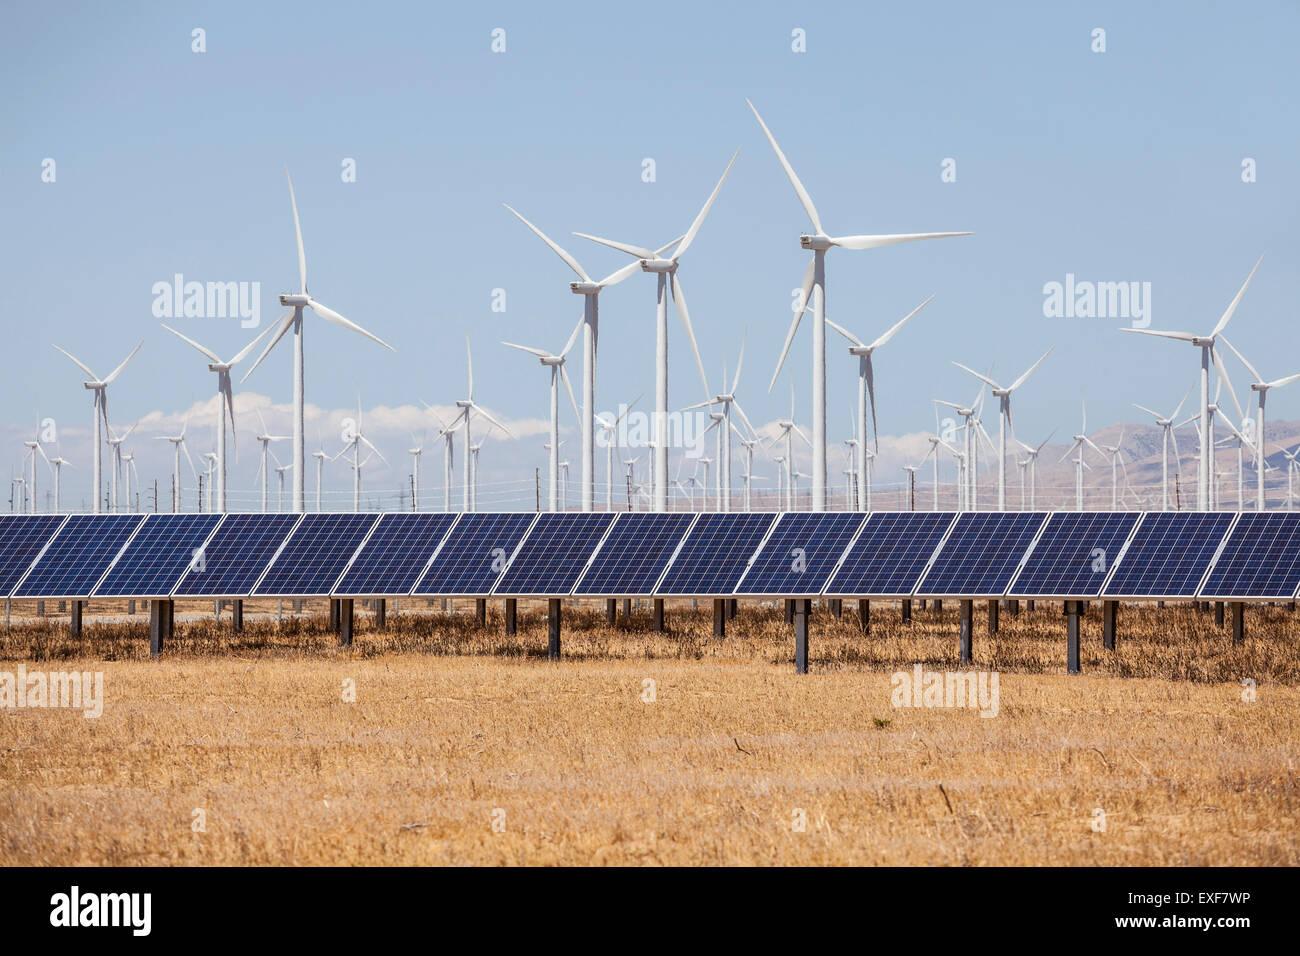 Éoliennes et panneaux solaires pour la production d'énergie alternative. Photo Stock